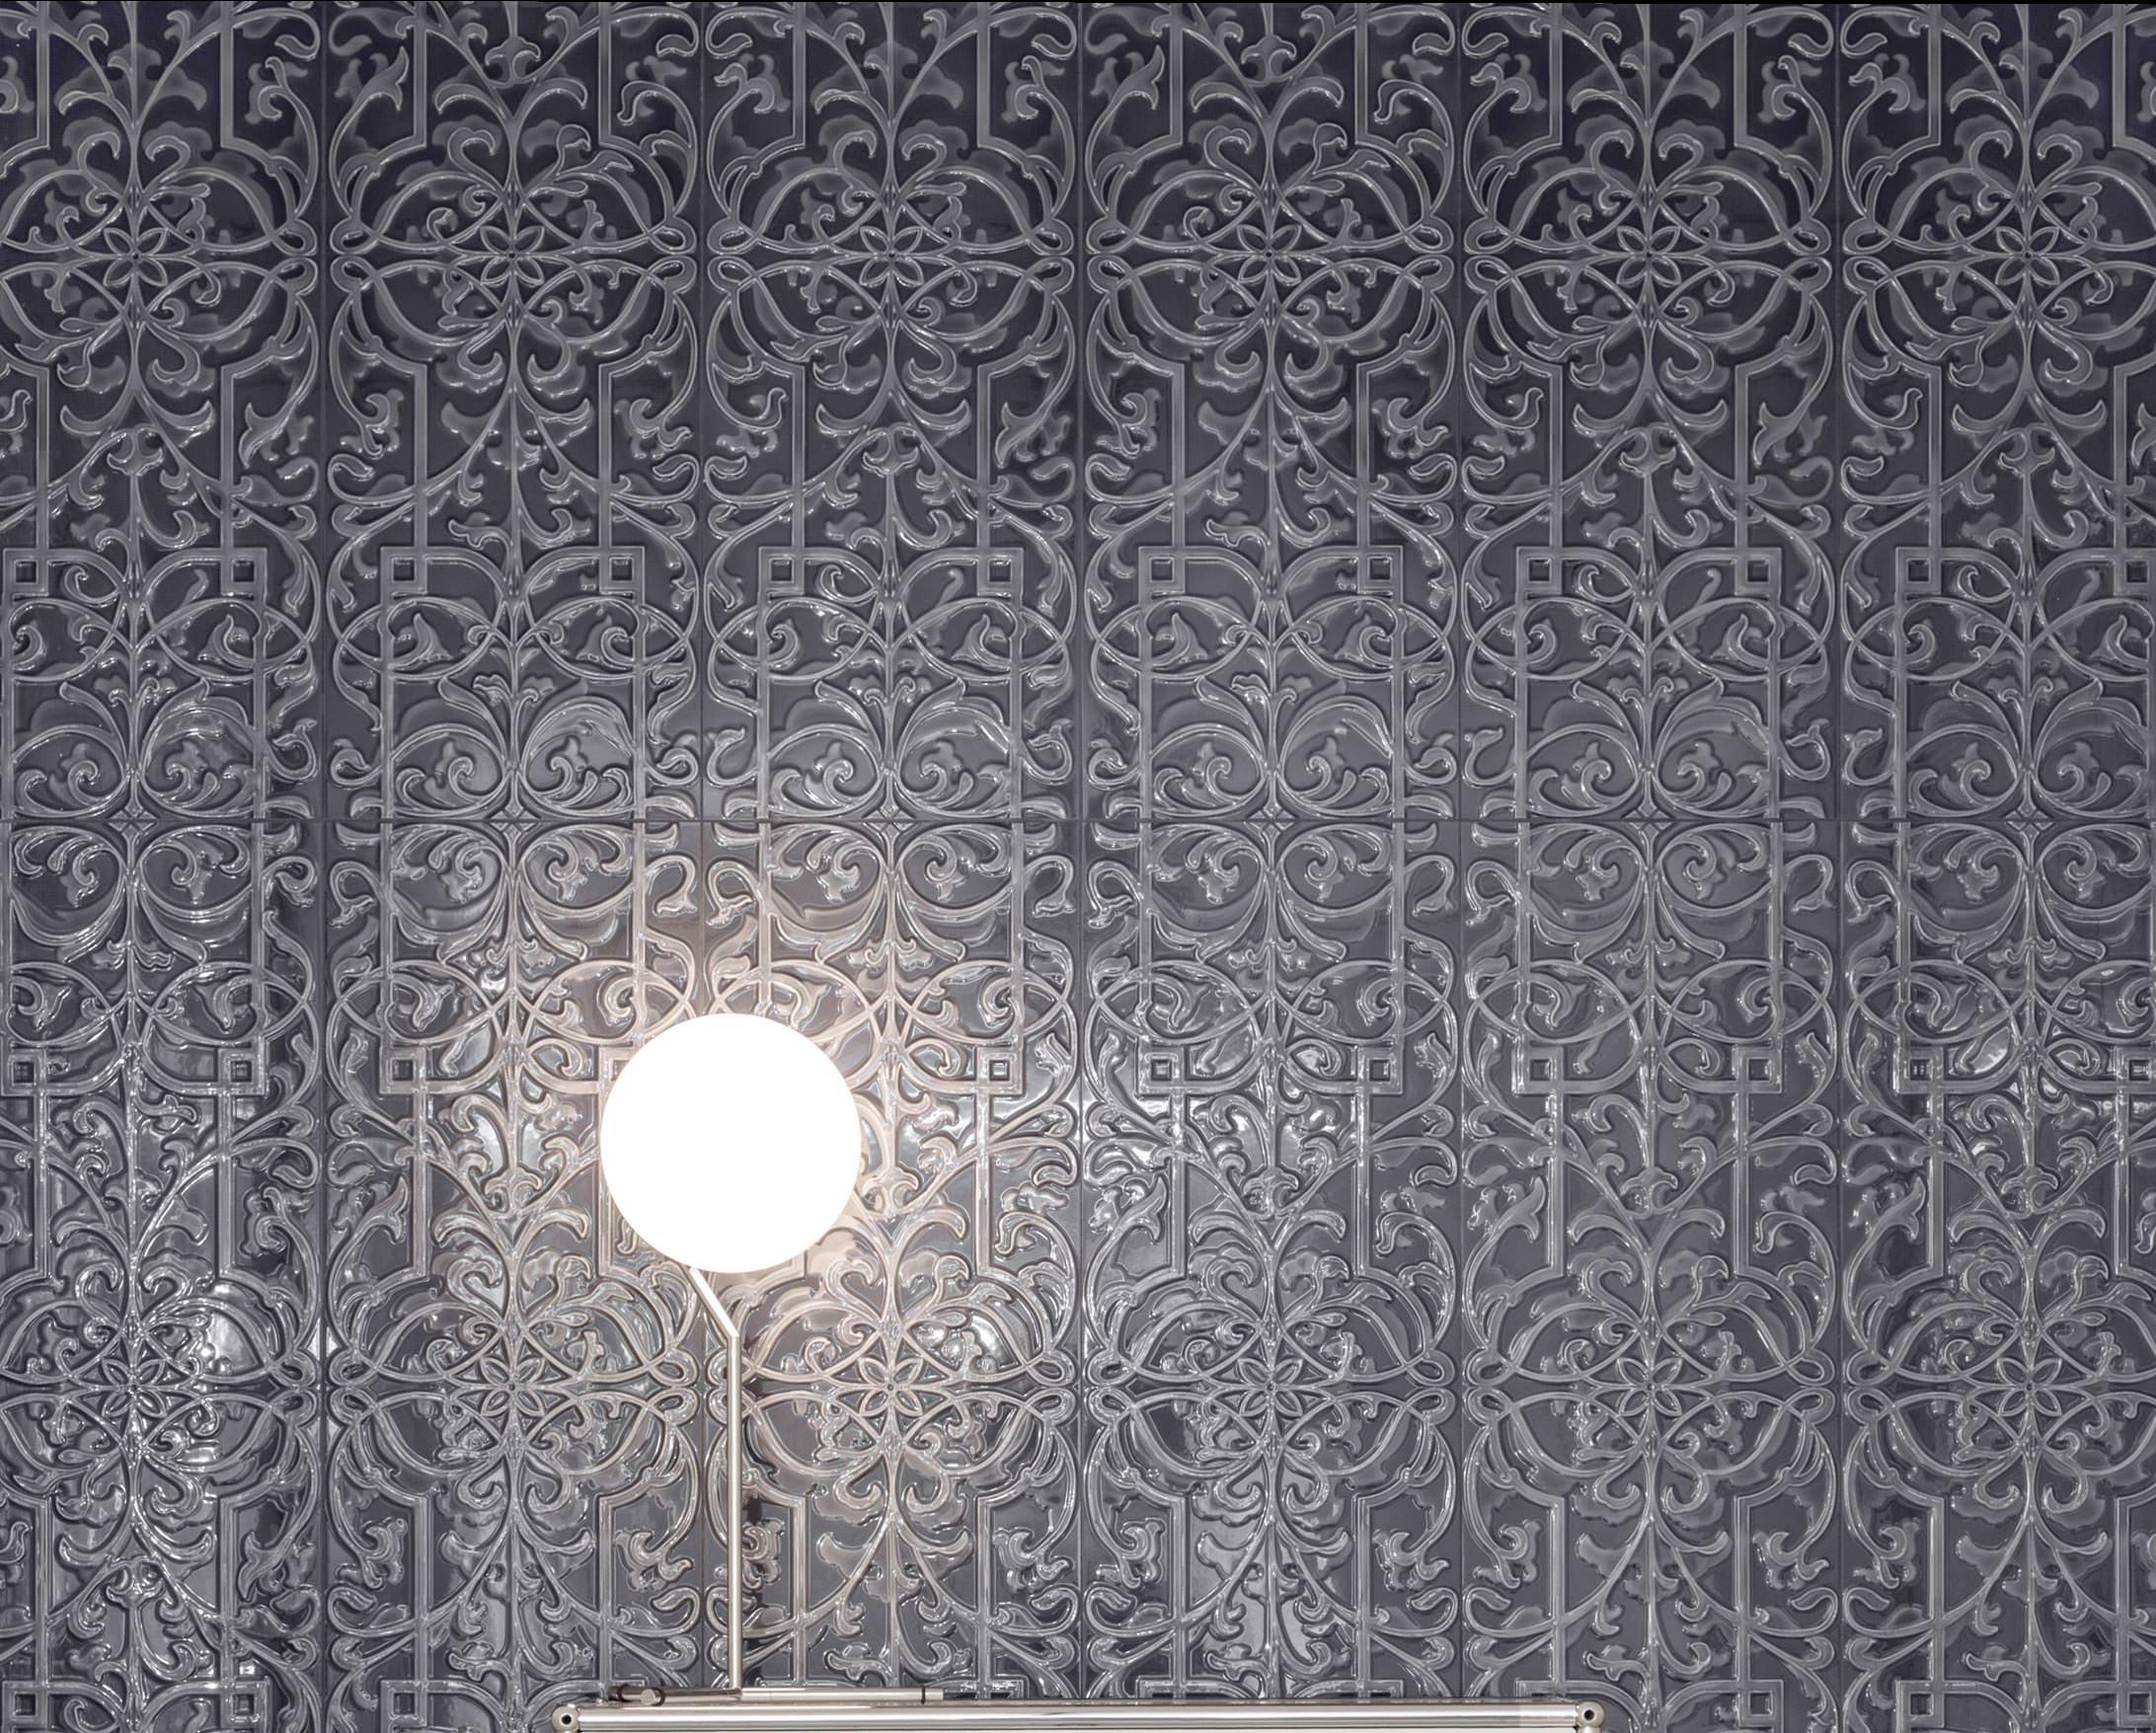 neue v b fliesen von der geschichte inspiriert f r die. Black Bedroom Furniture Sets. Home Design Ideas